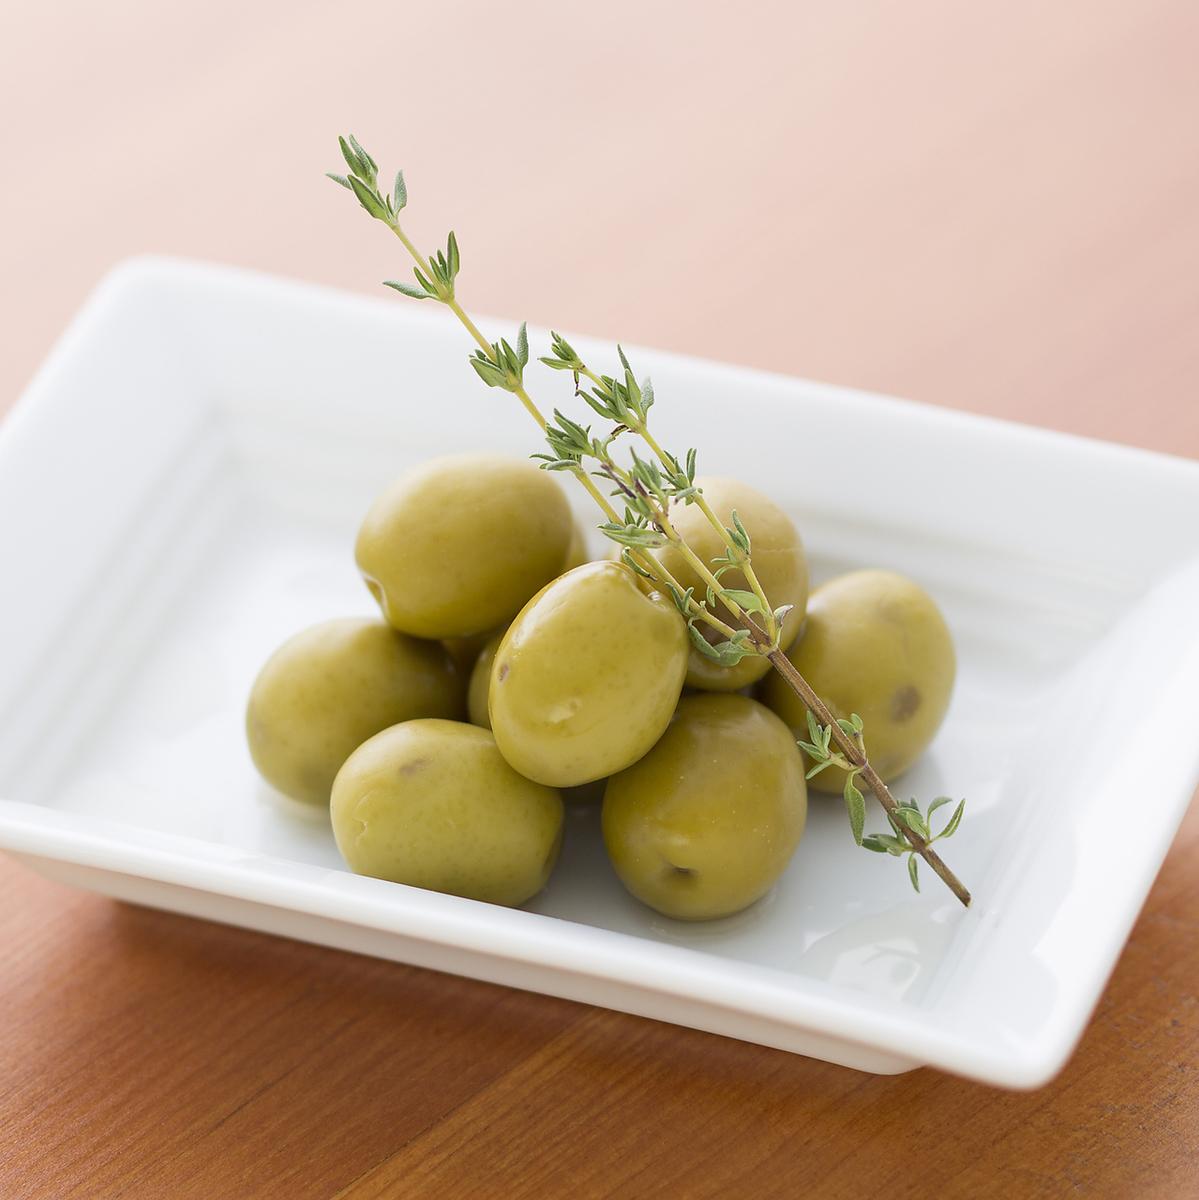 橄榄果子人晴朗的ja